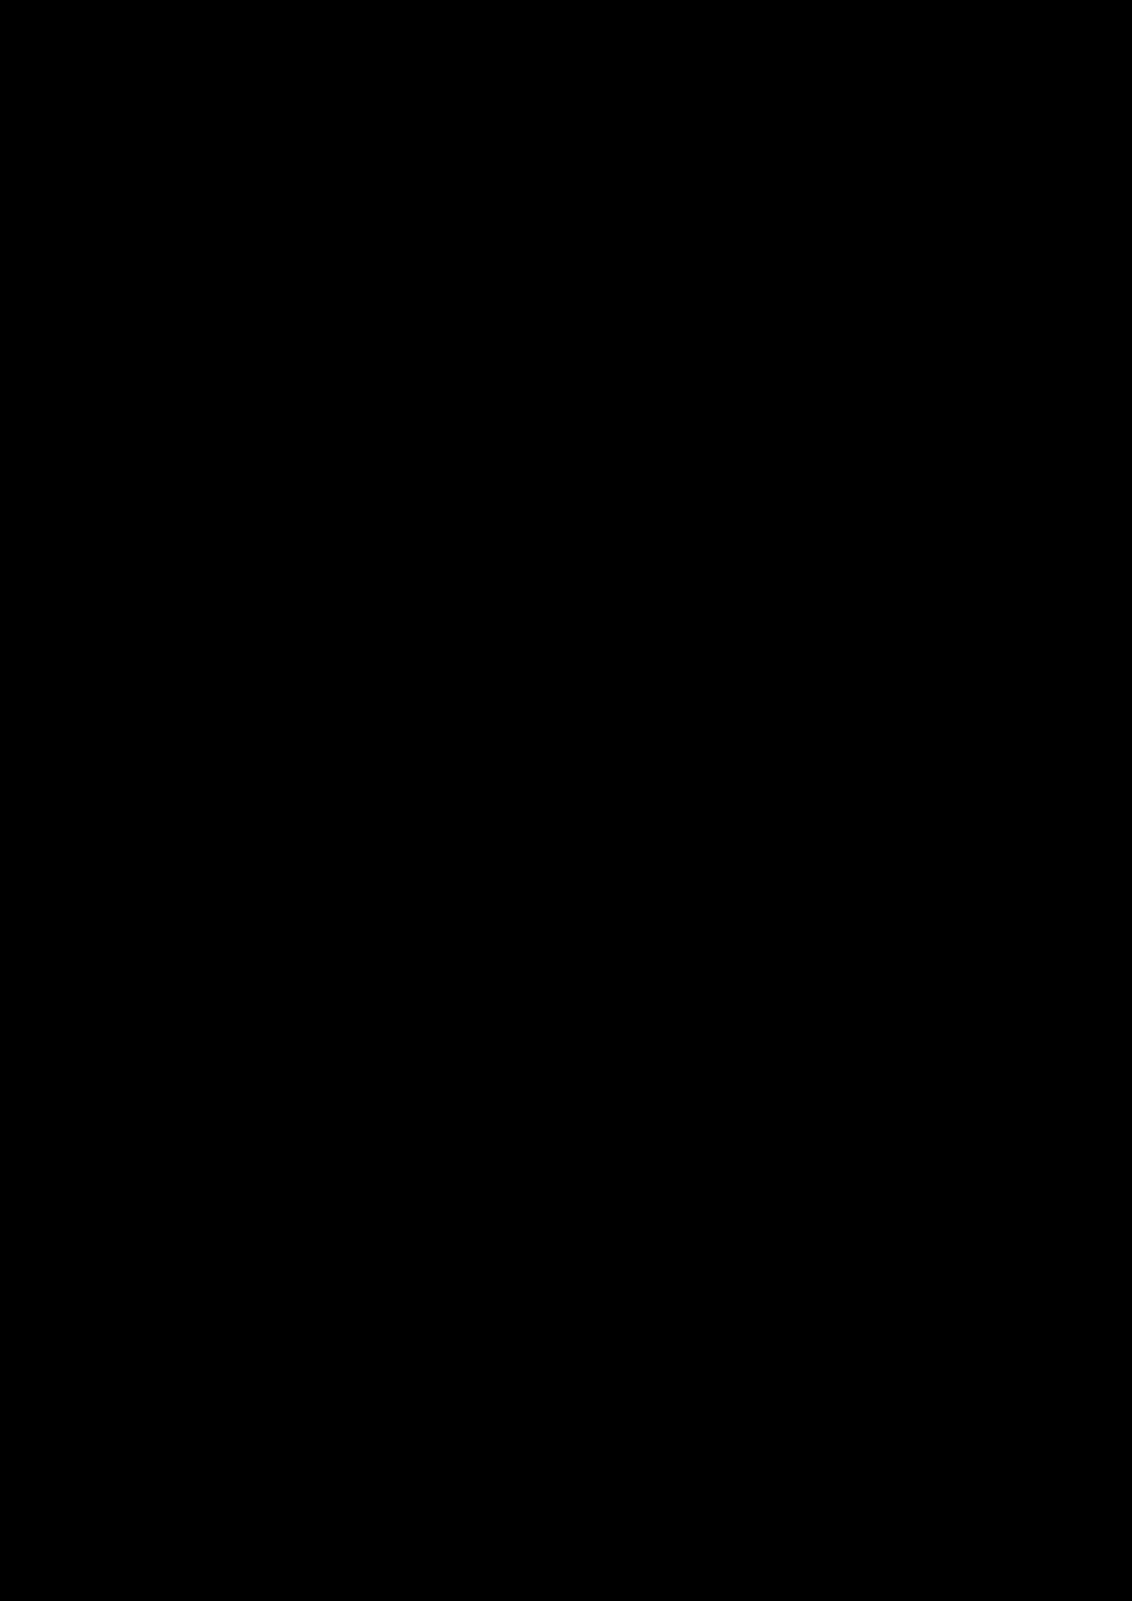 Proschanie s volshebnoy stranoy slide, Image 24